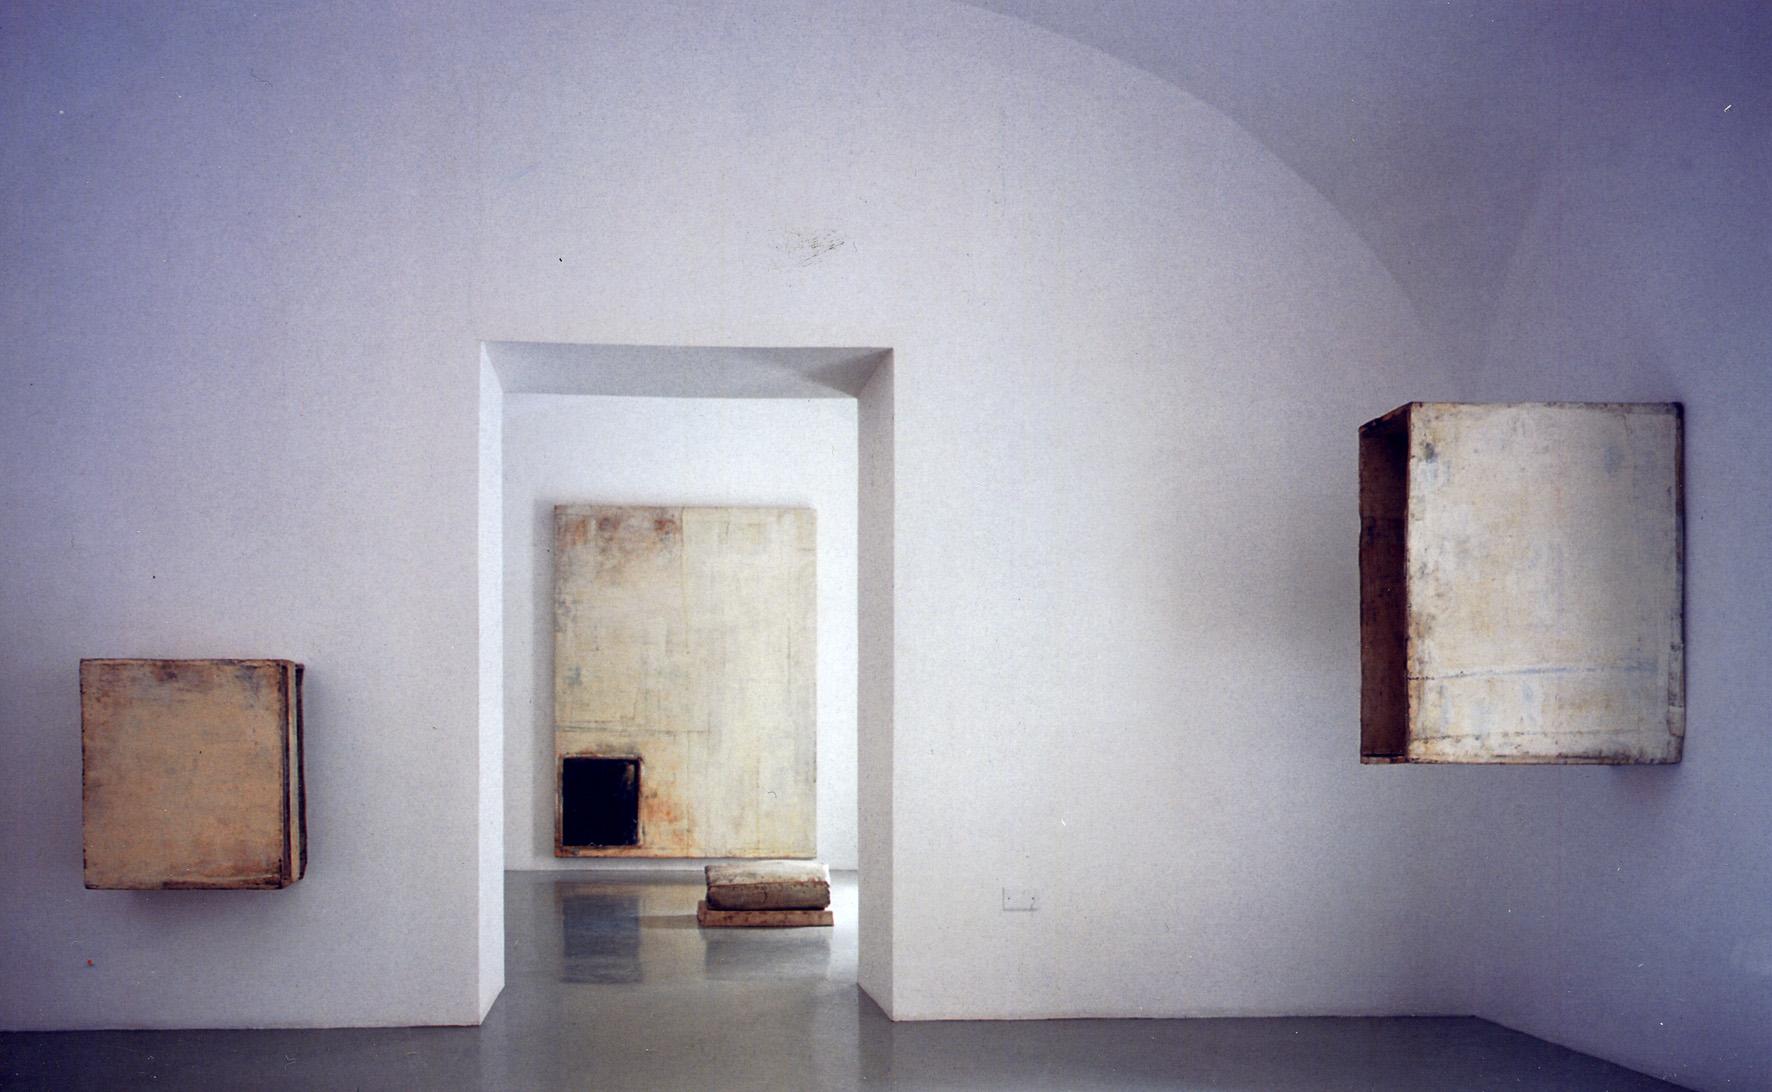 Lawrence Carroll Installazione/Installation view, Studio Trisorio, Napoli 05.02.2004